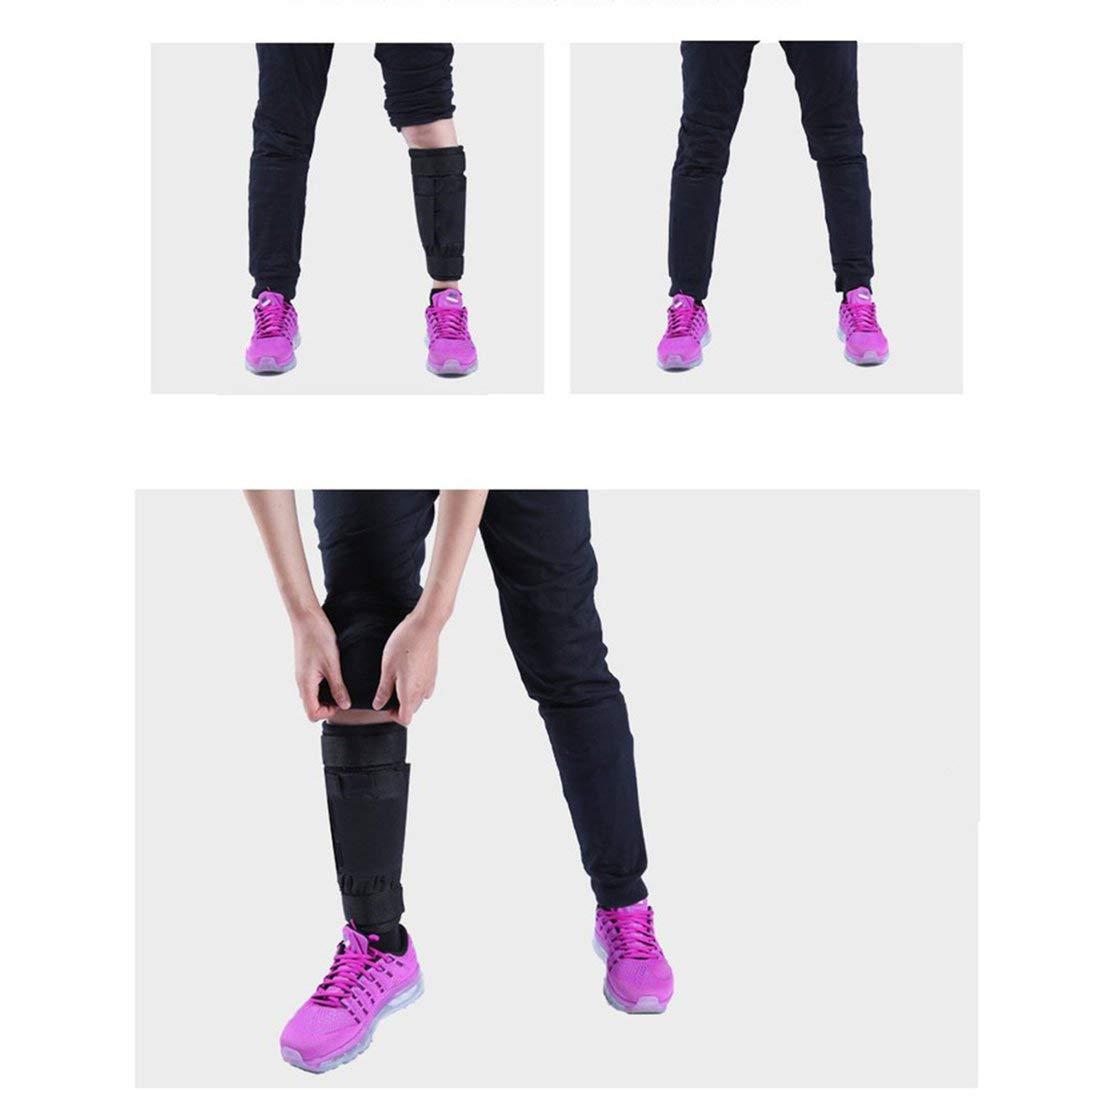 Kaemma Equipo de Entrenamiento de Legging de Brazo//Tobillo Ajustable Pesas Bolsa de Arena 1-20 kg Entrenamiento con Pesas para Boxeo Gym Running